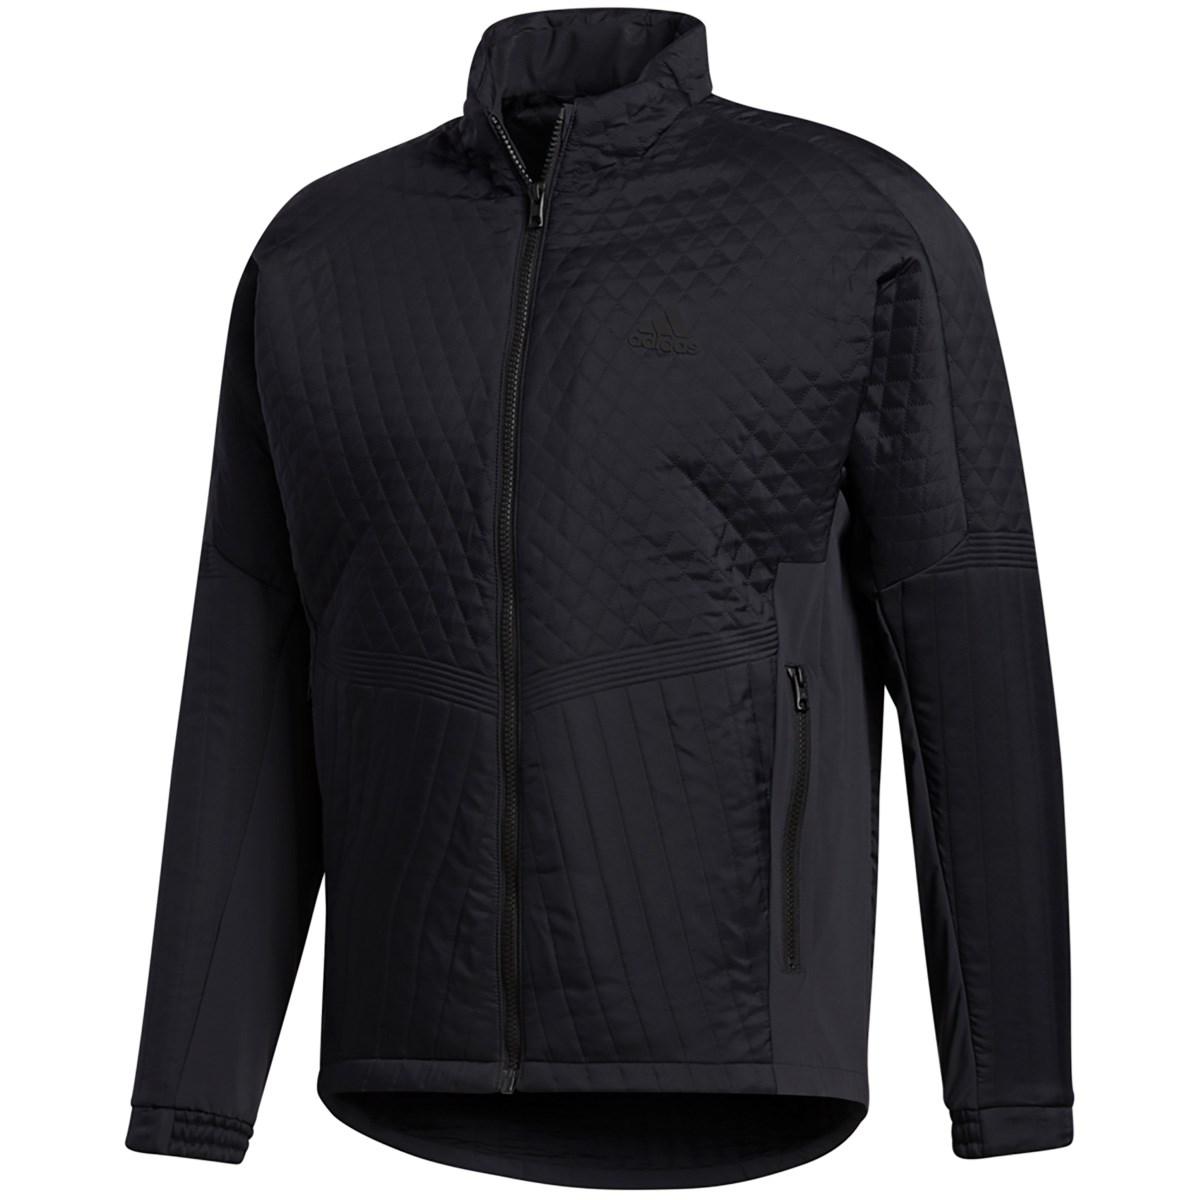 アディダス Adidas スポーツキルティング ストレッチ フルジップジャケット J/S ブラック